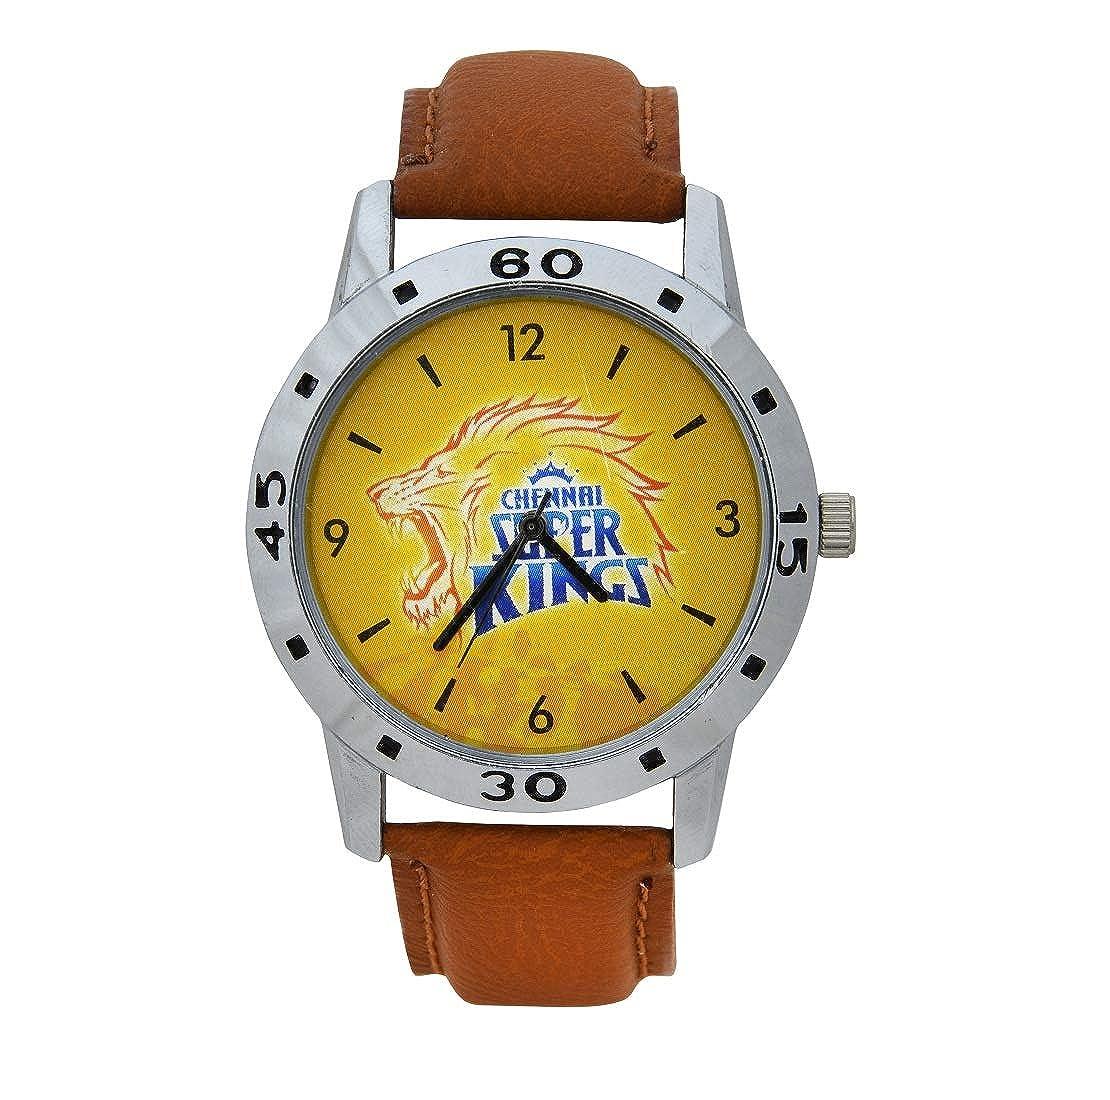 CSK IPL Theme Watch